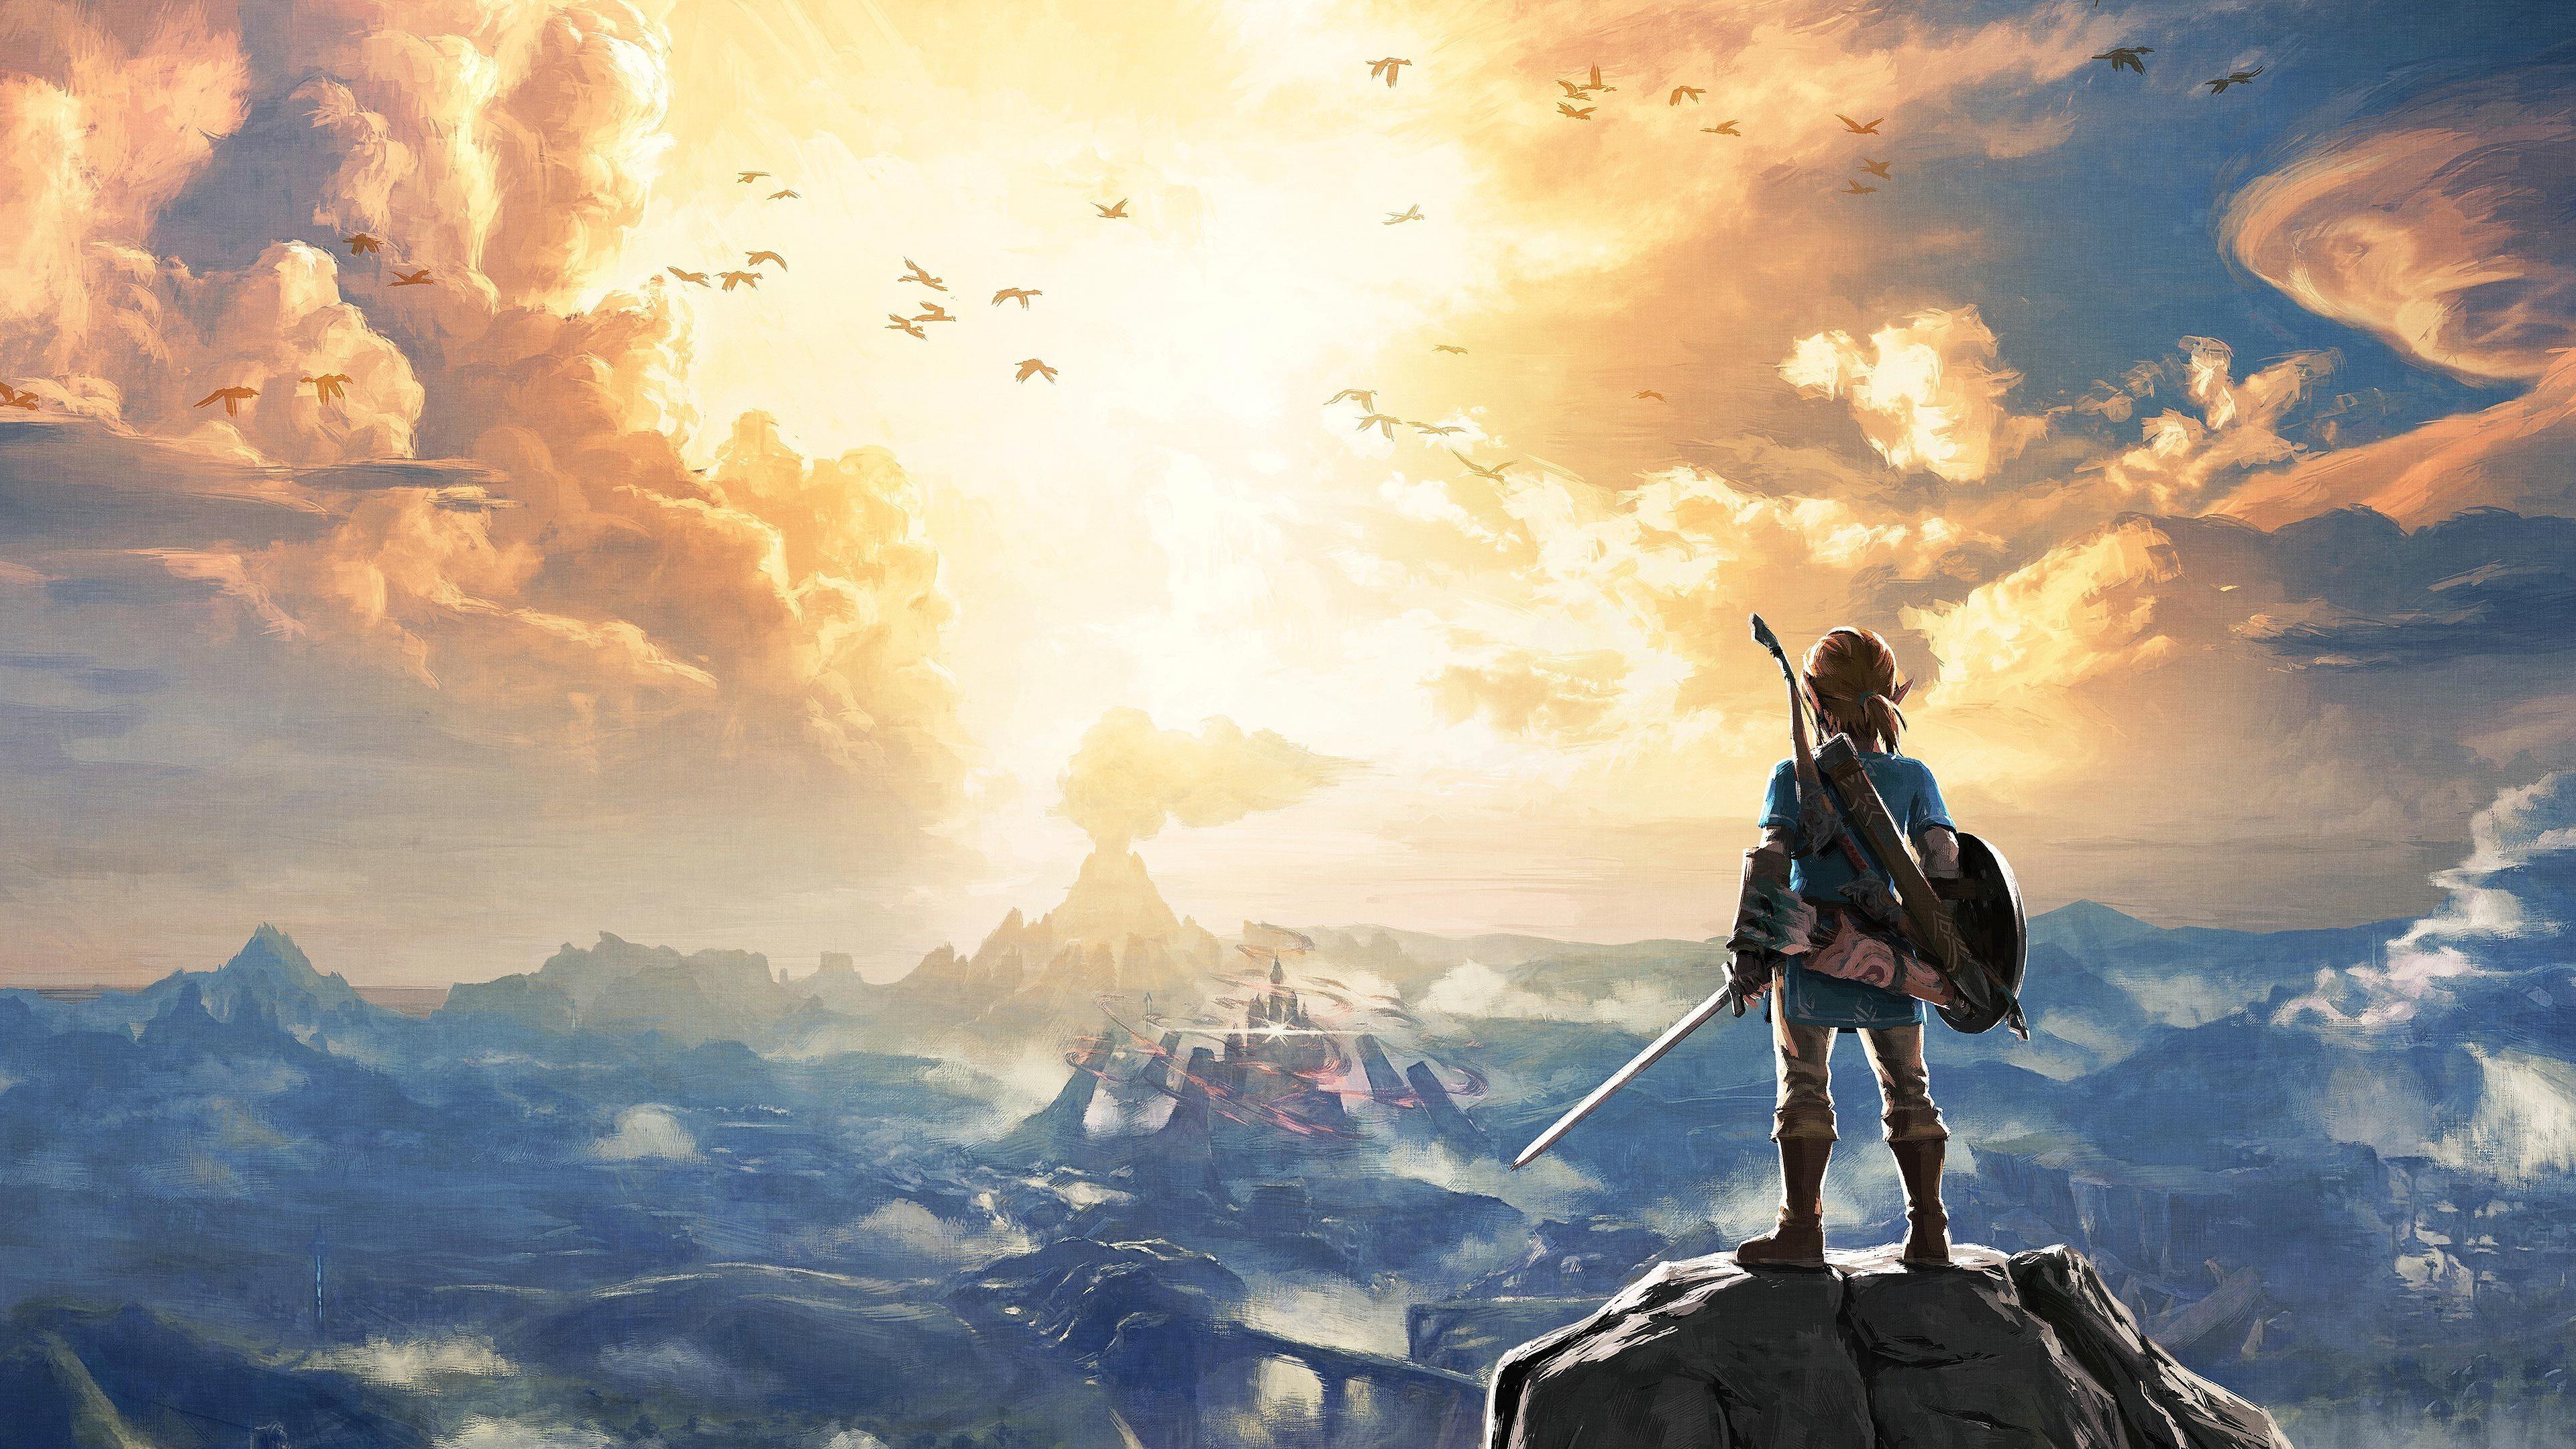 The-Legend-of-Zelda-Breath-of-the-Wild-4K-Main